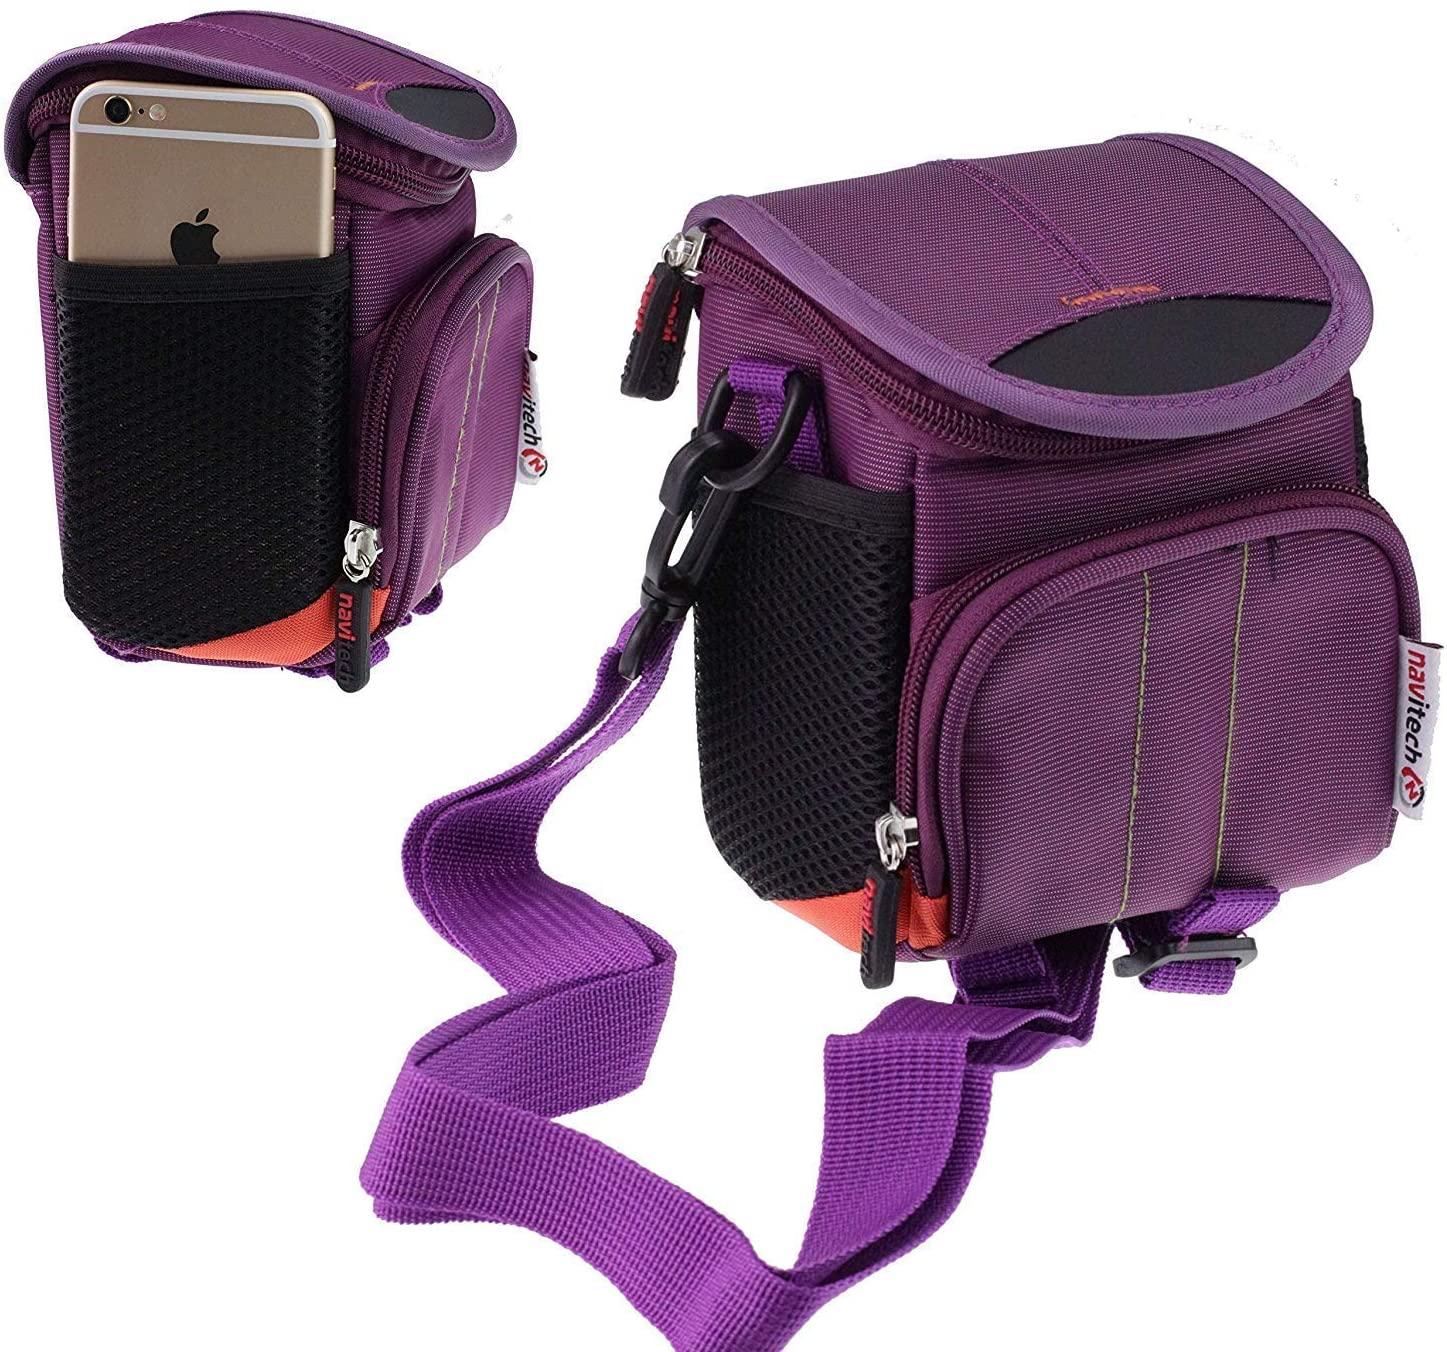 Navitech Purple Portable Binocular Shoulder Bag - Compatible with The Vandeep Binoculars